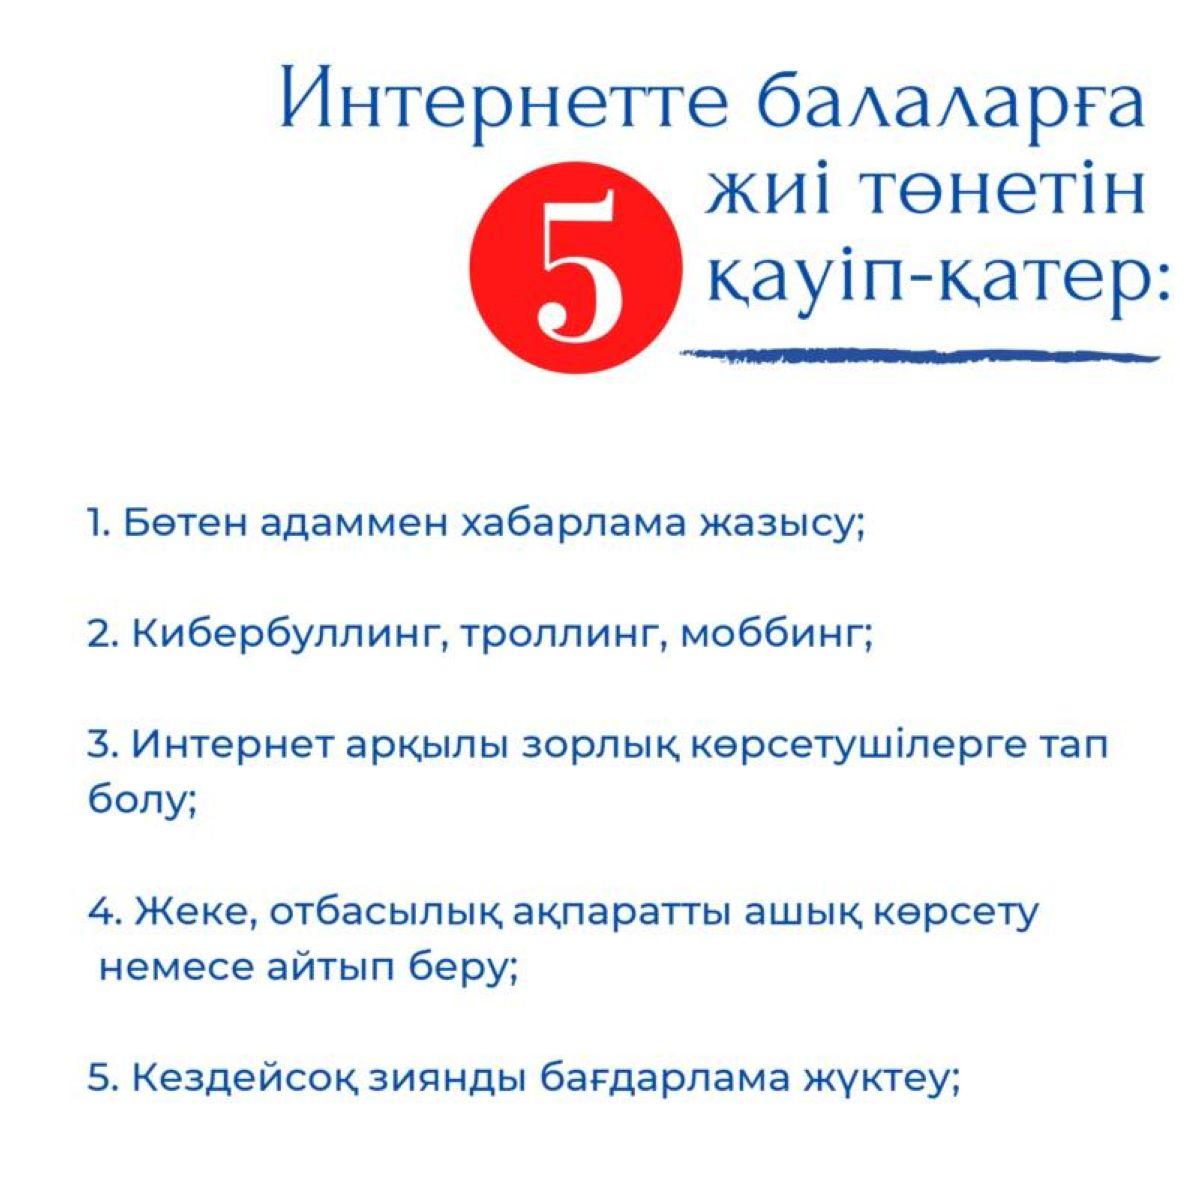 Seraya publikatsiya v instagram s fotografiey devushki i kosmetikoy page 0001